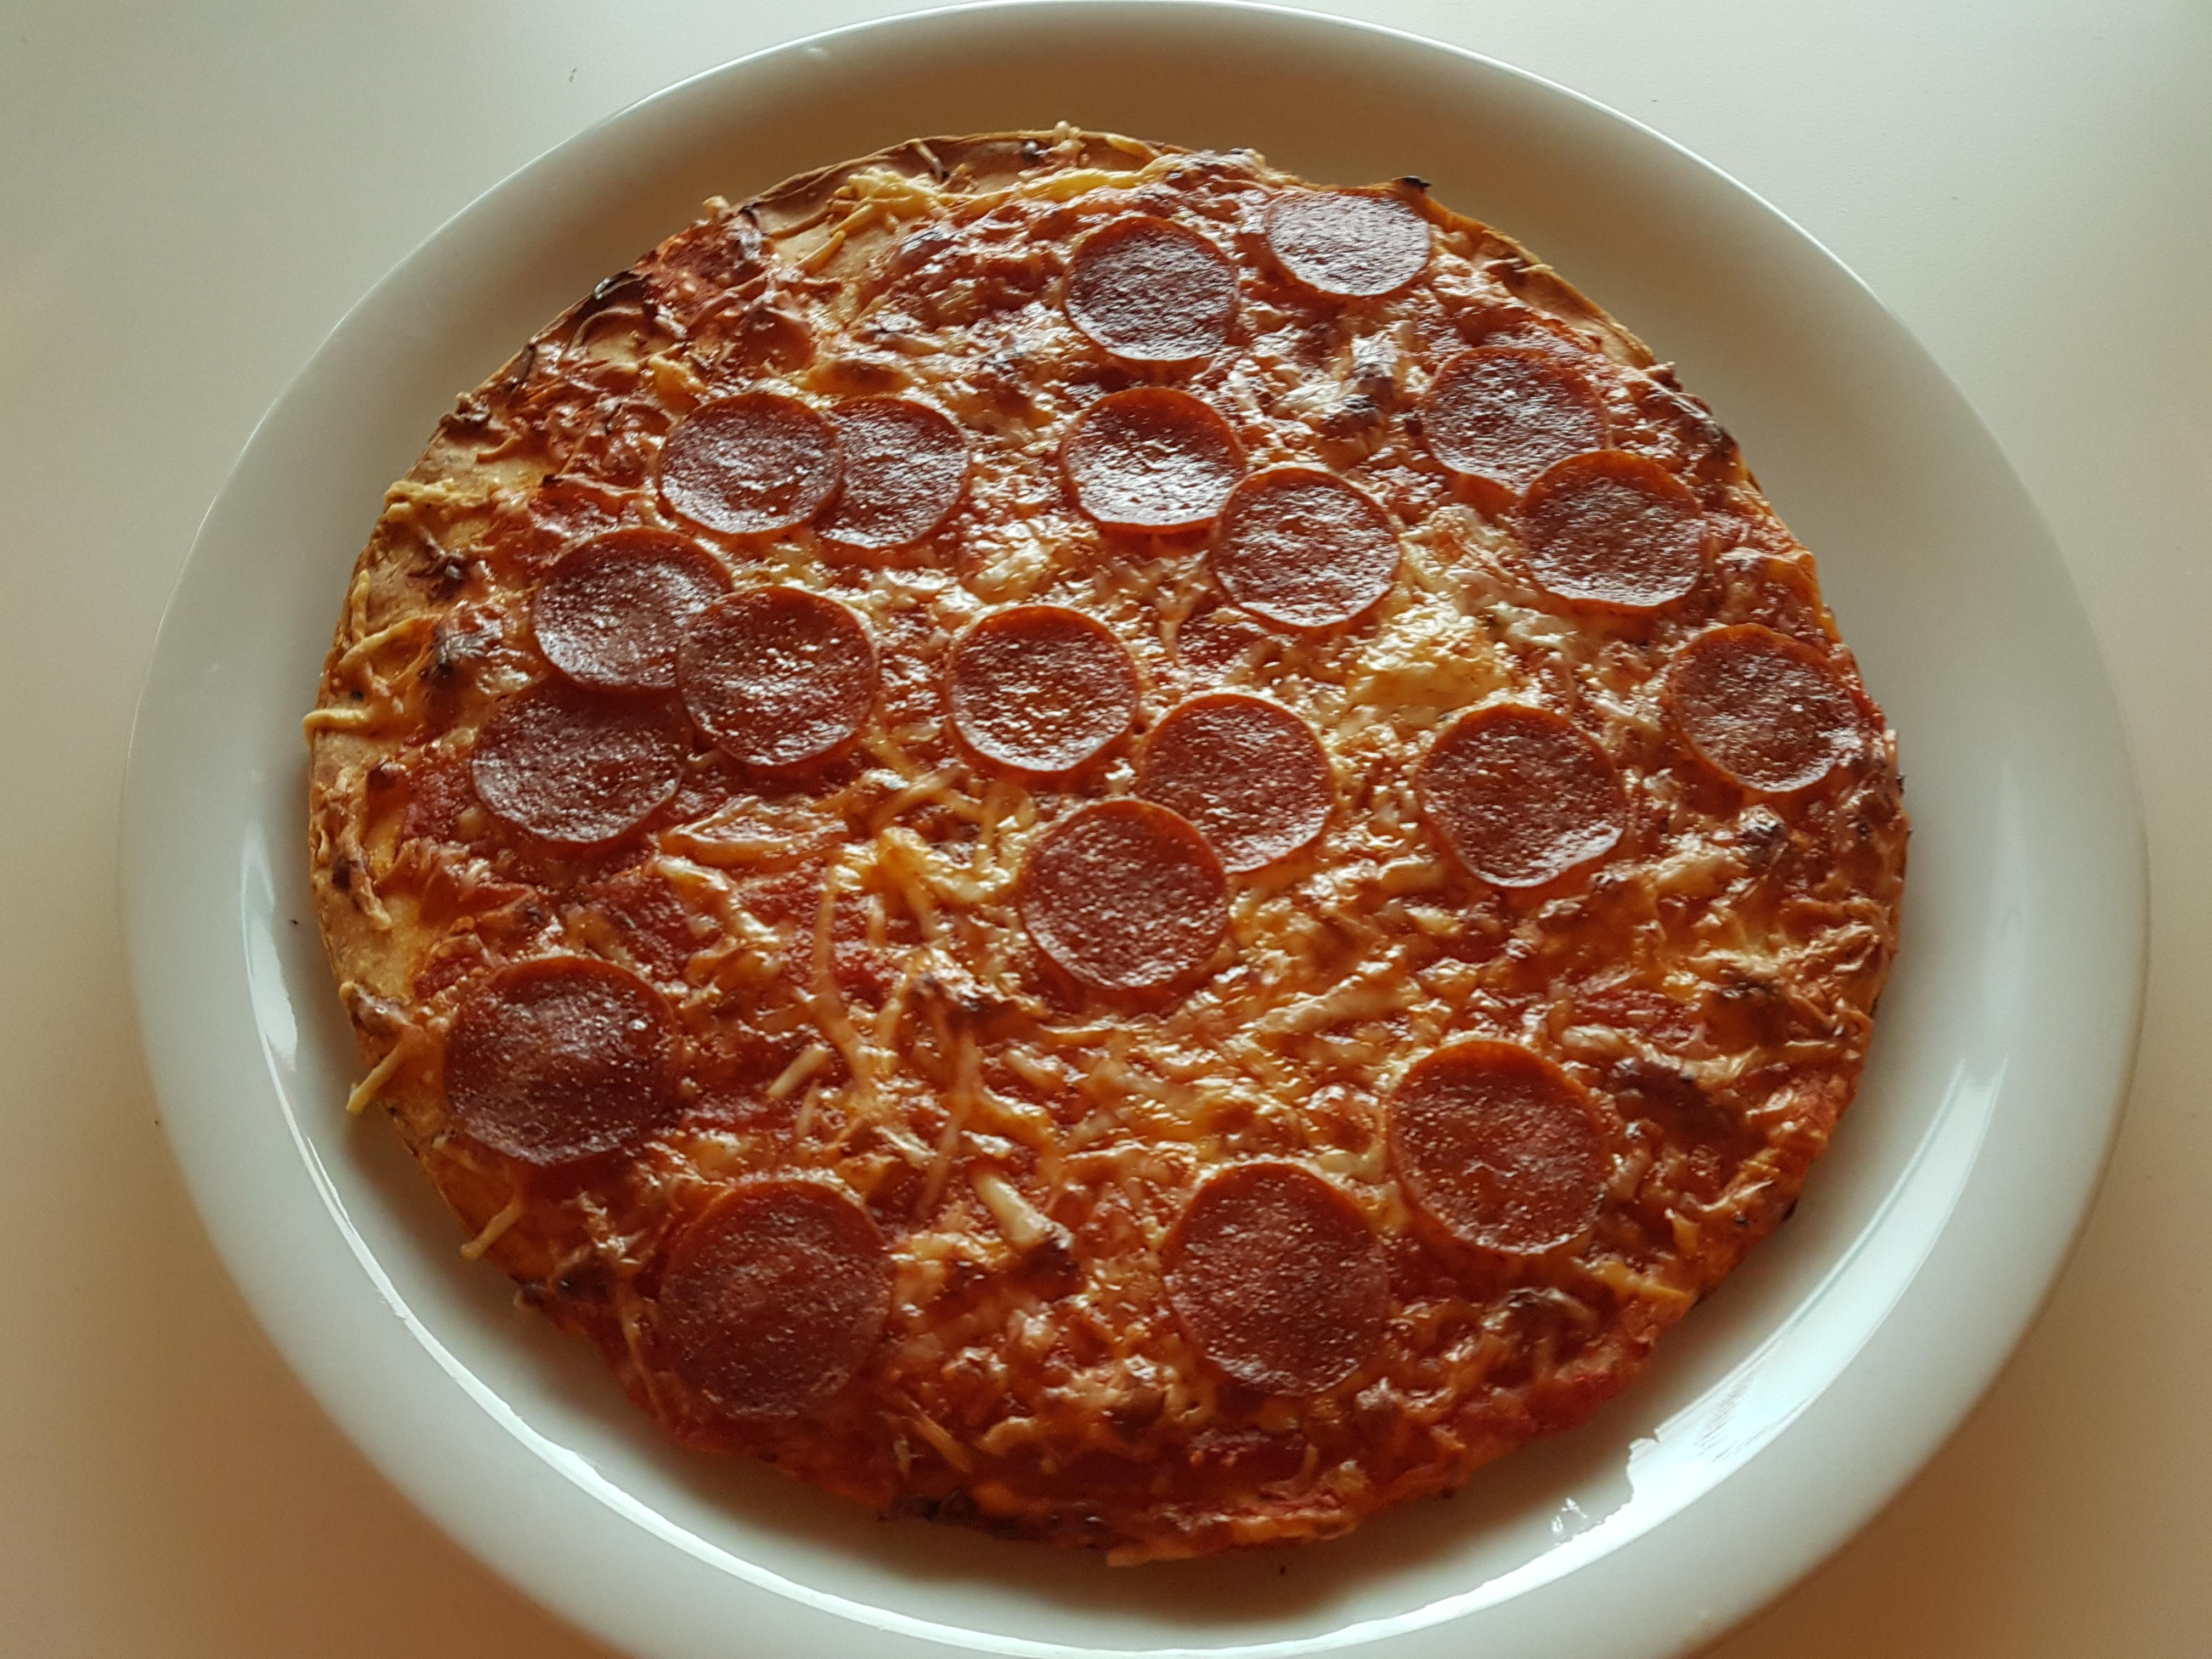 https://foodloader.net/Holz_2019-12-23_Pizza.jpg